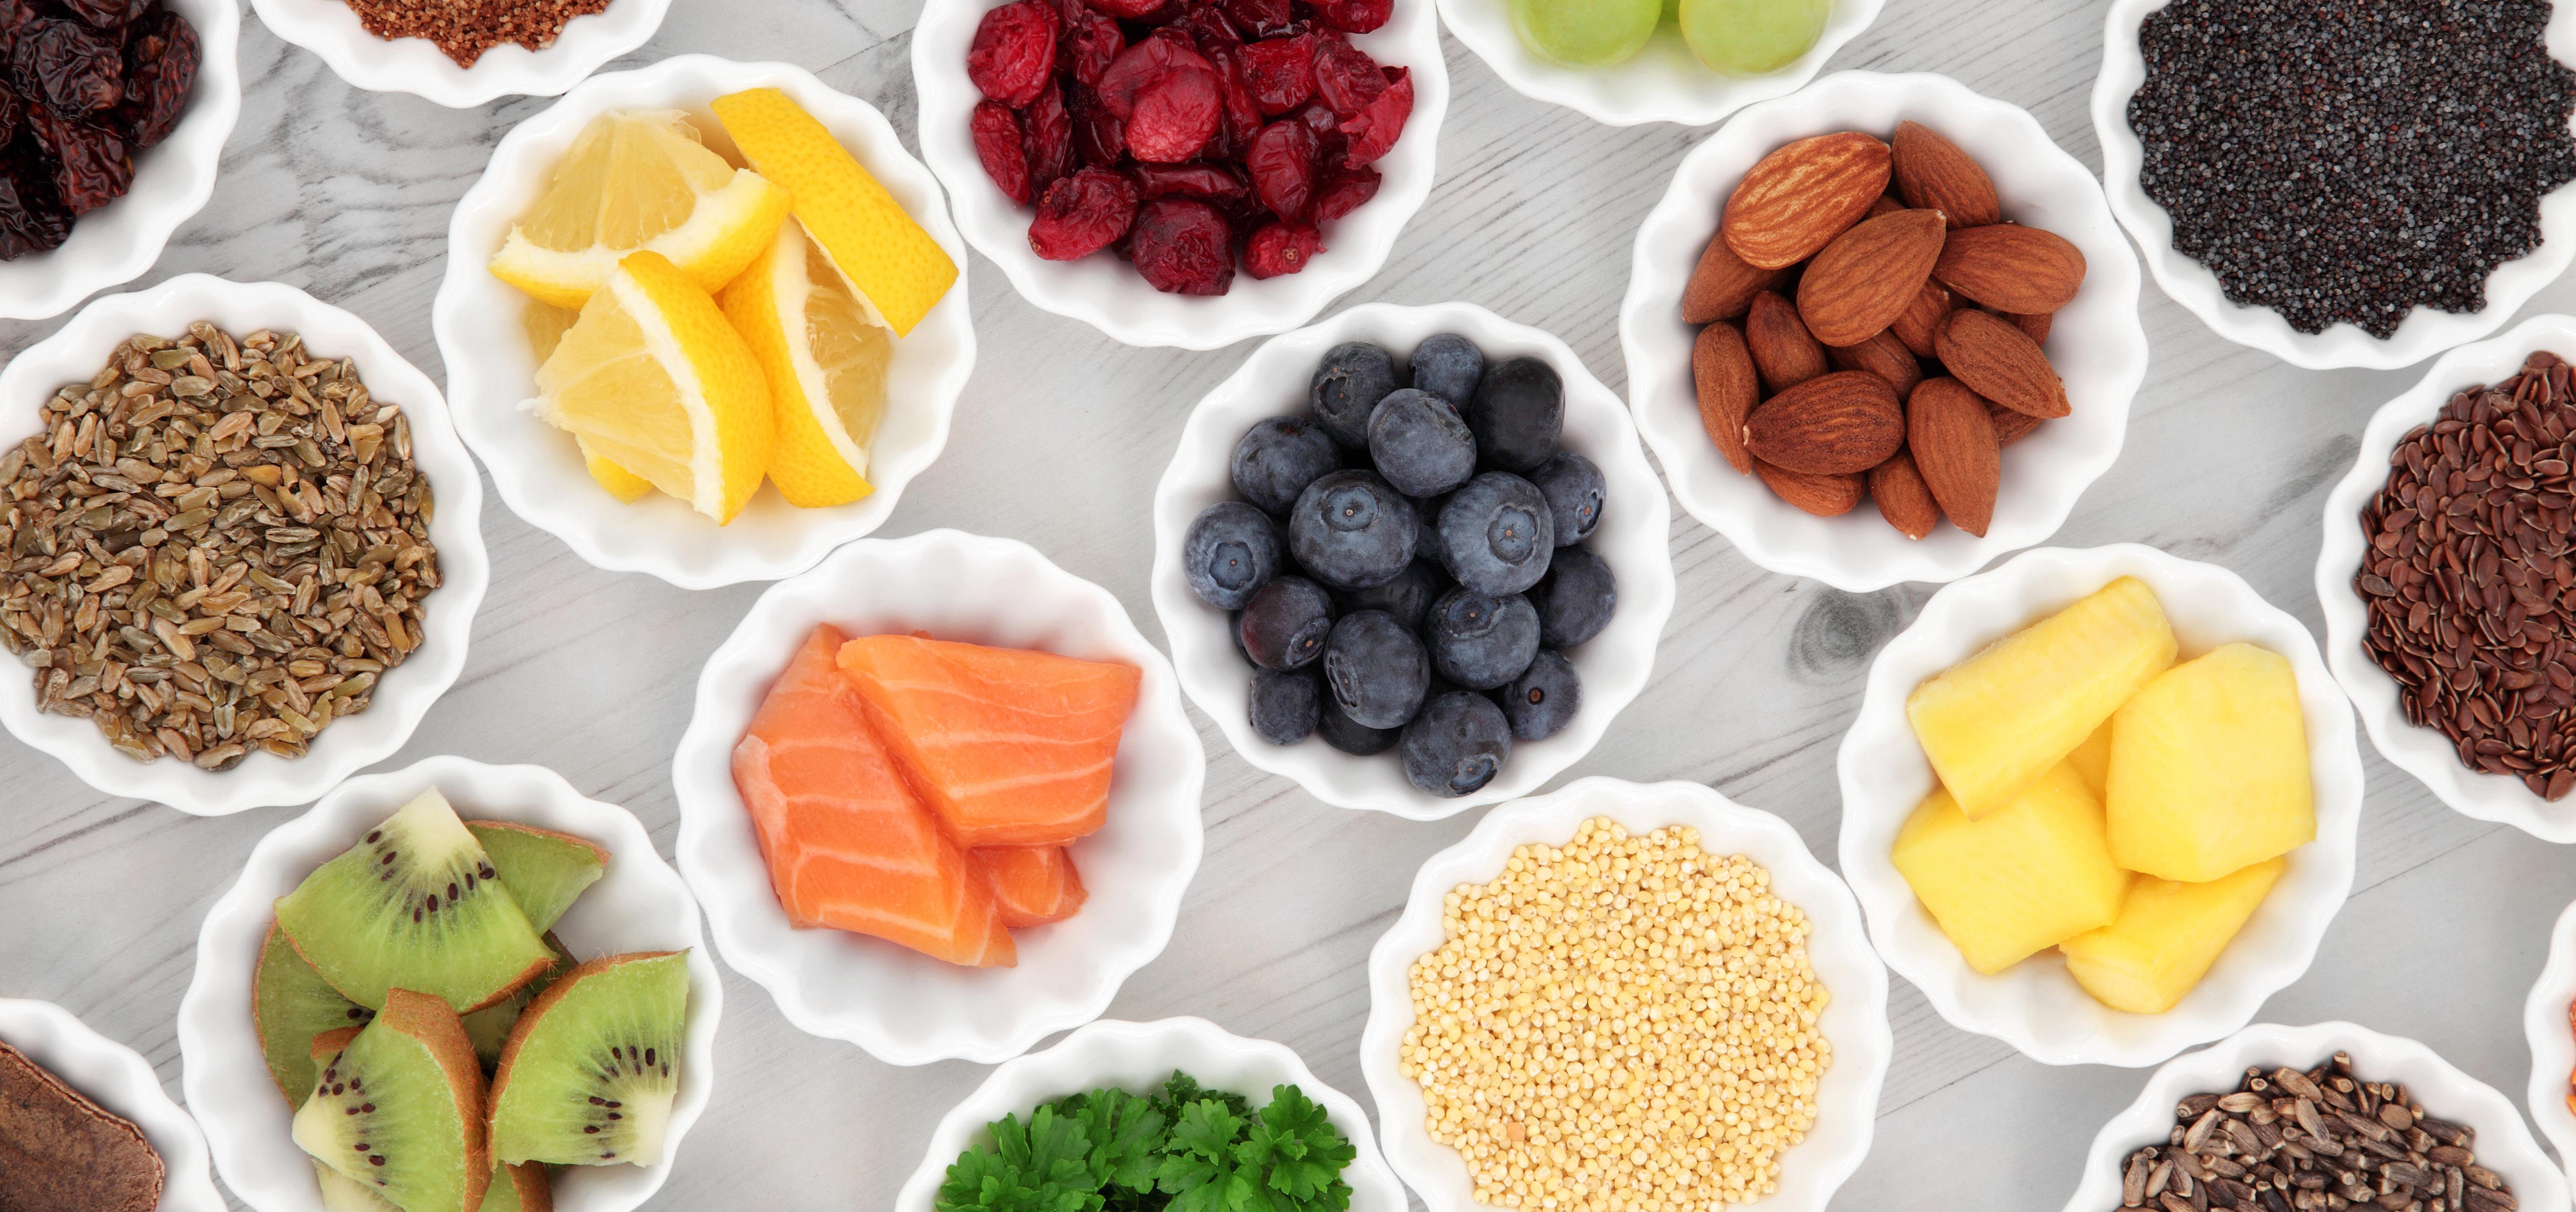 10 hábitos saludables para continuar a partir de ahora